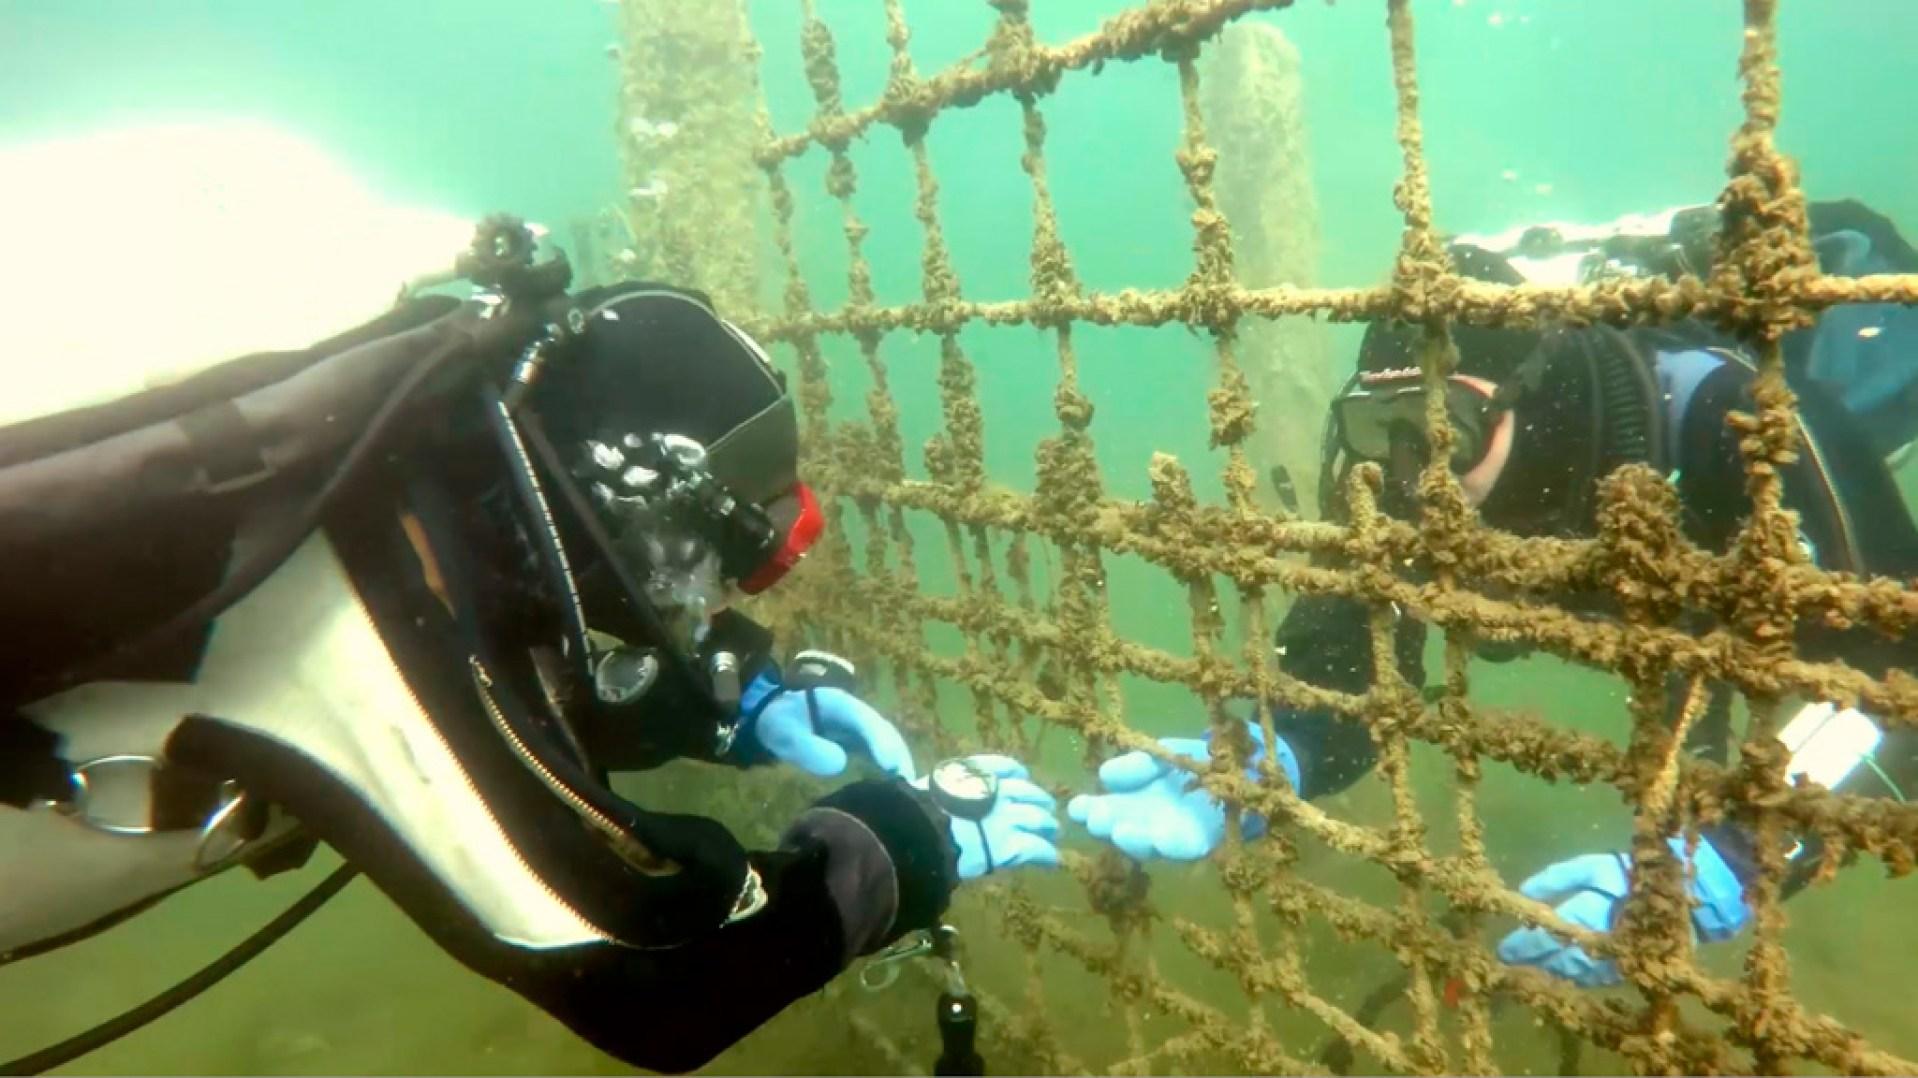 Filmowanie podwodne - kamerzysta rejestruje scenkę odgrywaną przez partnerów